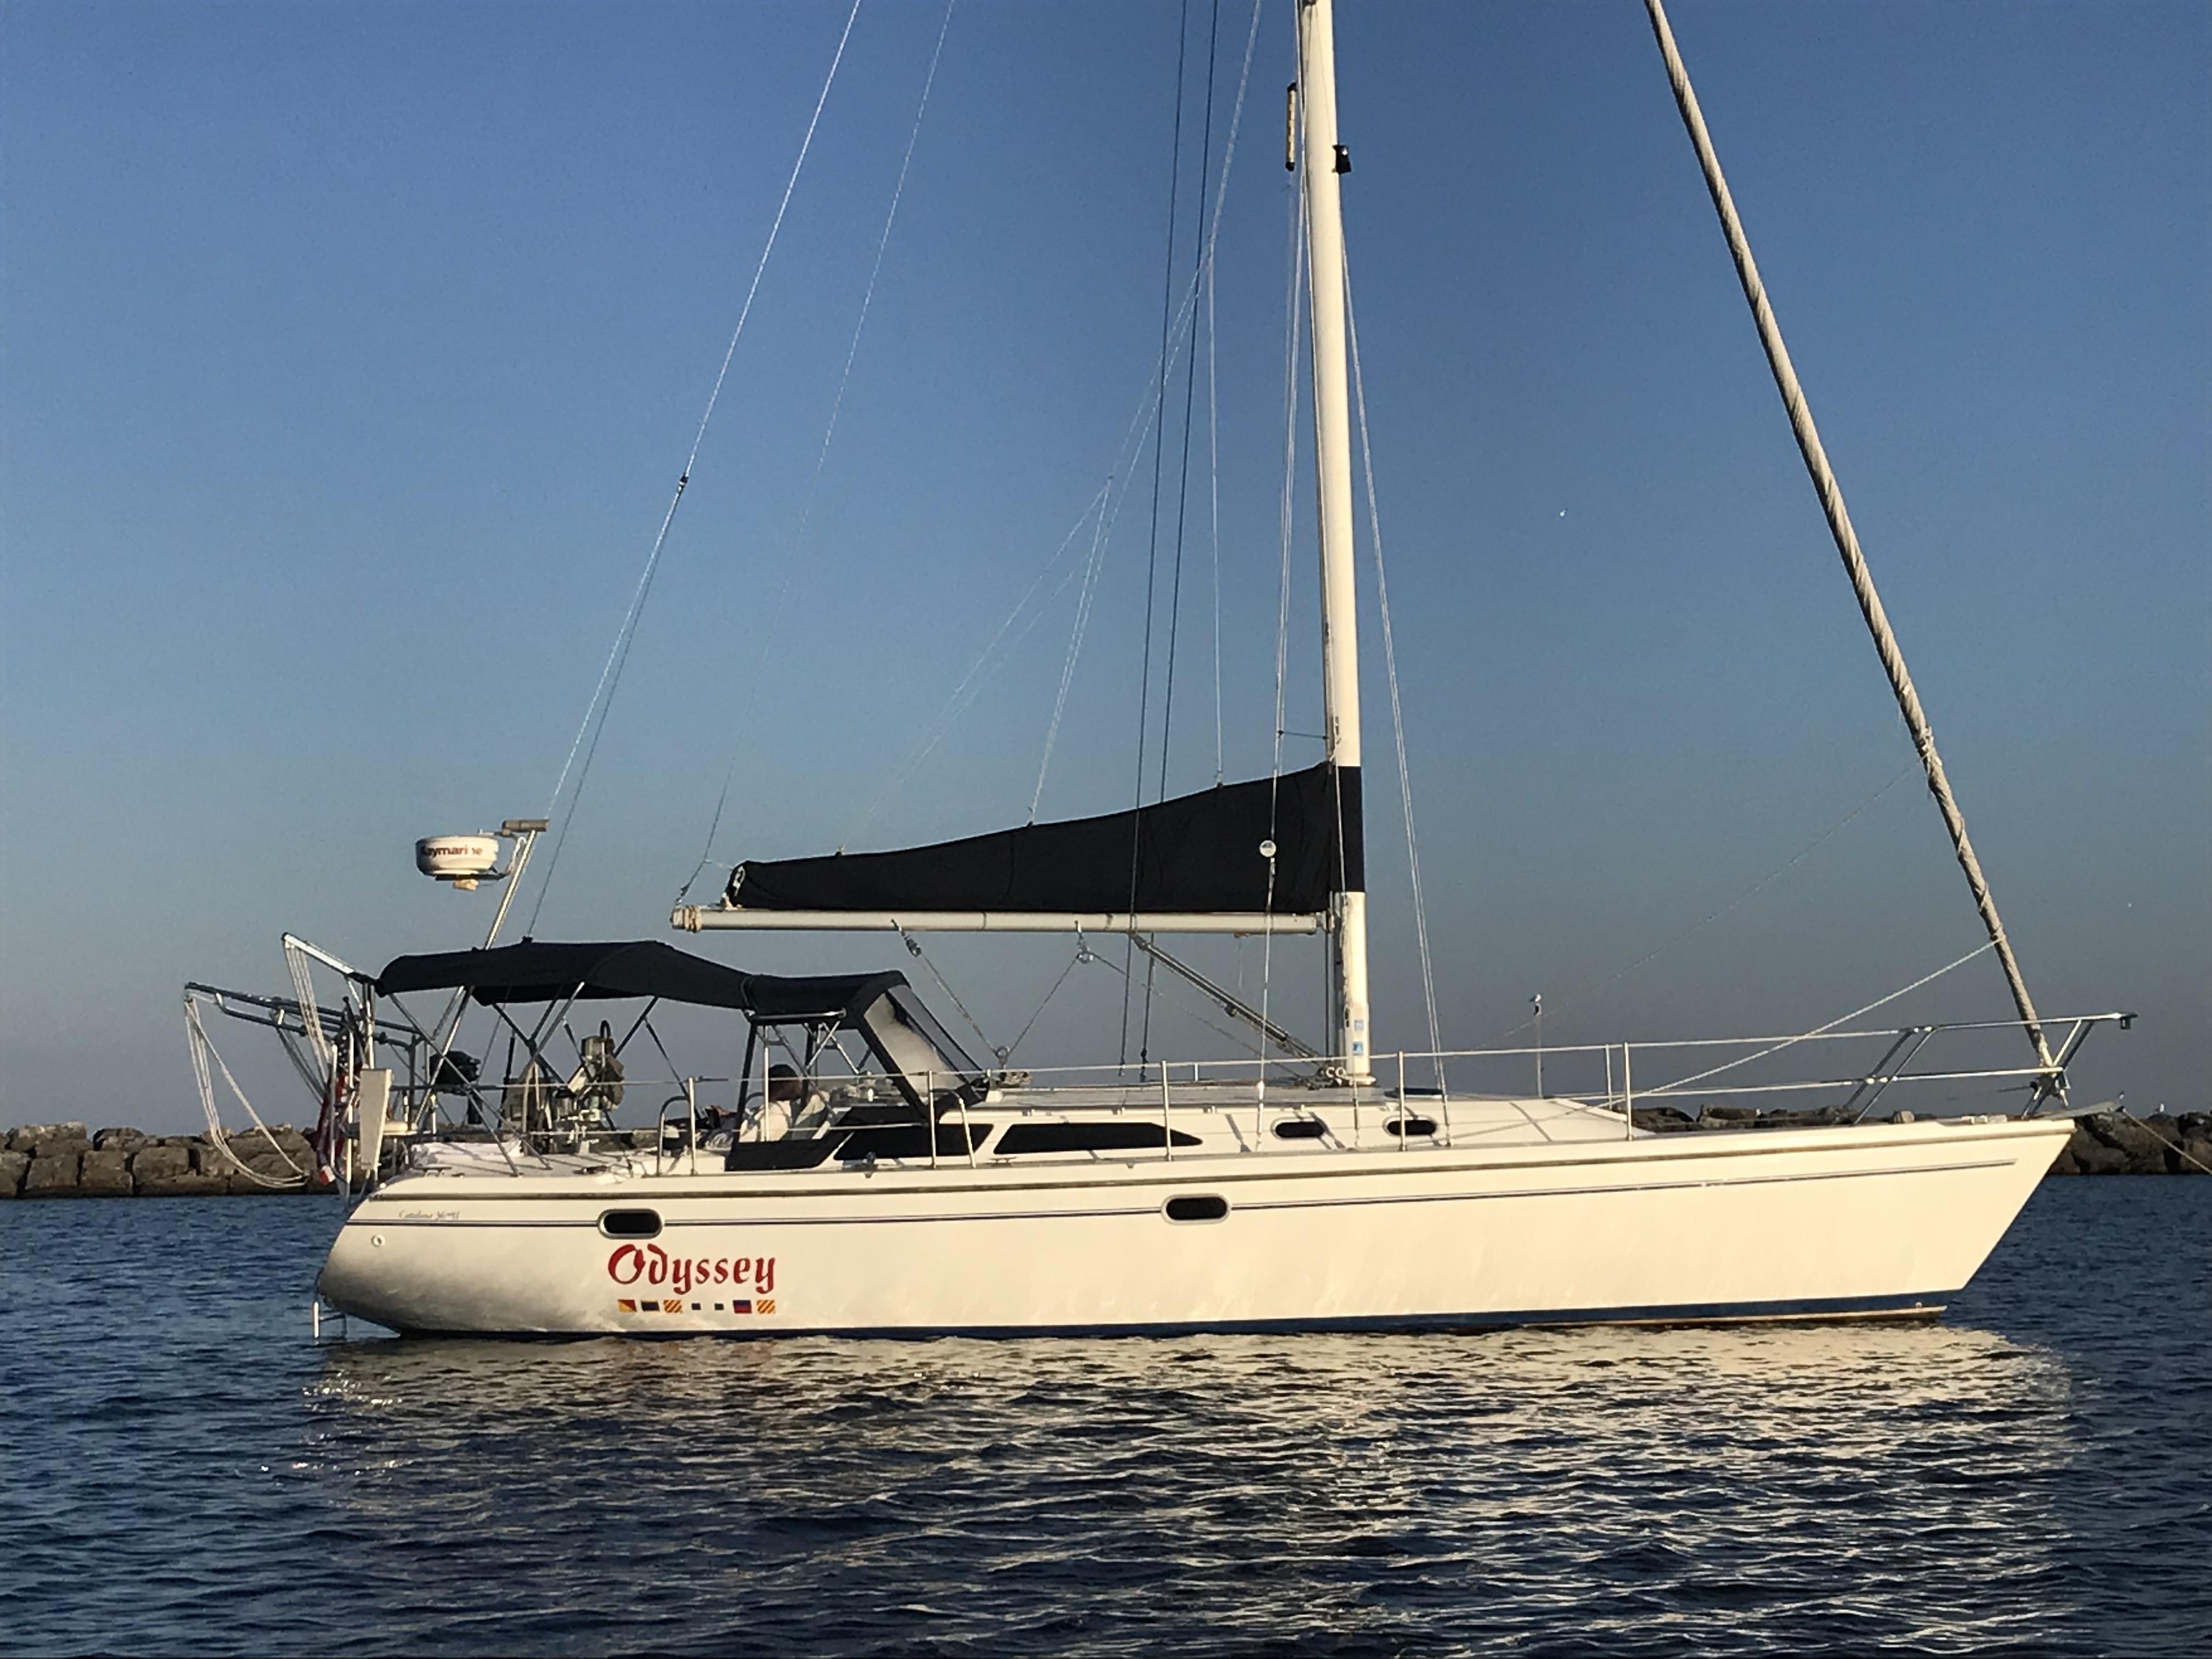 Catalina 36MKII Odyssey at anchor